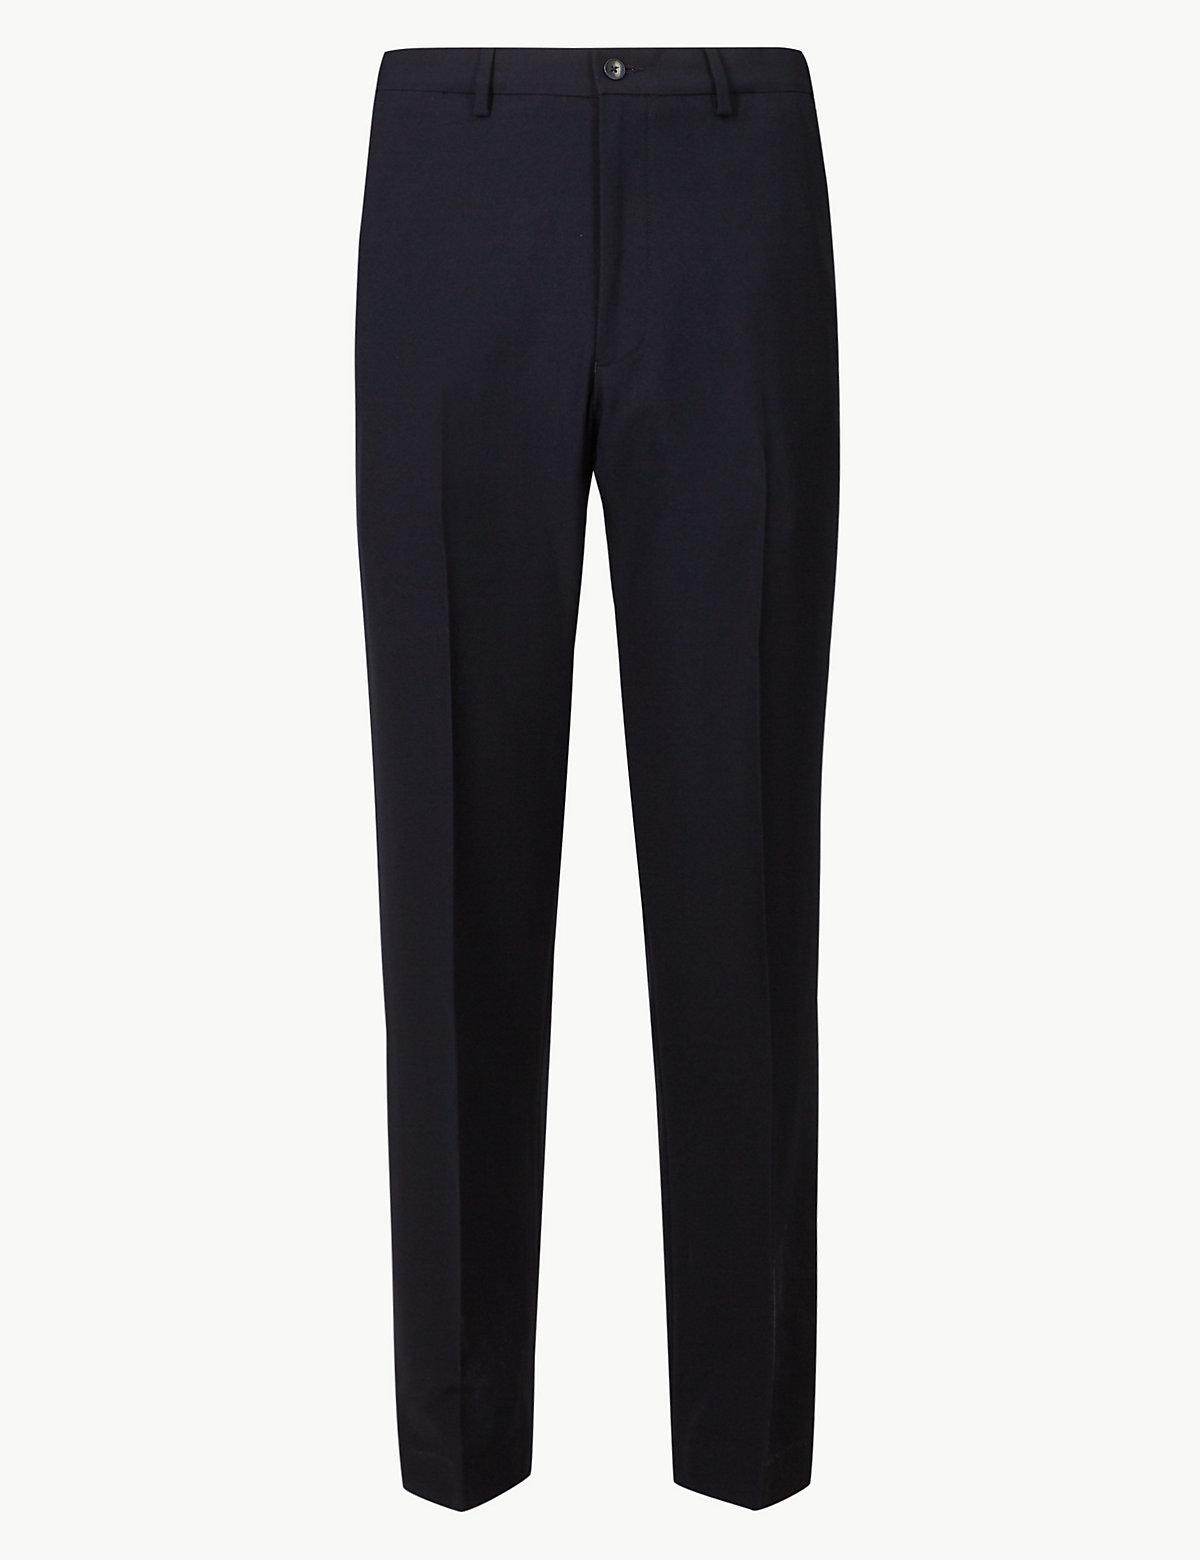 Классические мужские брюки без защипов стандартного кроя M&S Collection. Цвет: темно-синий